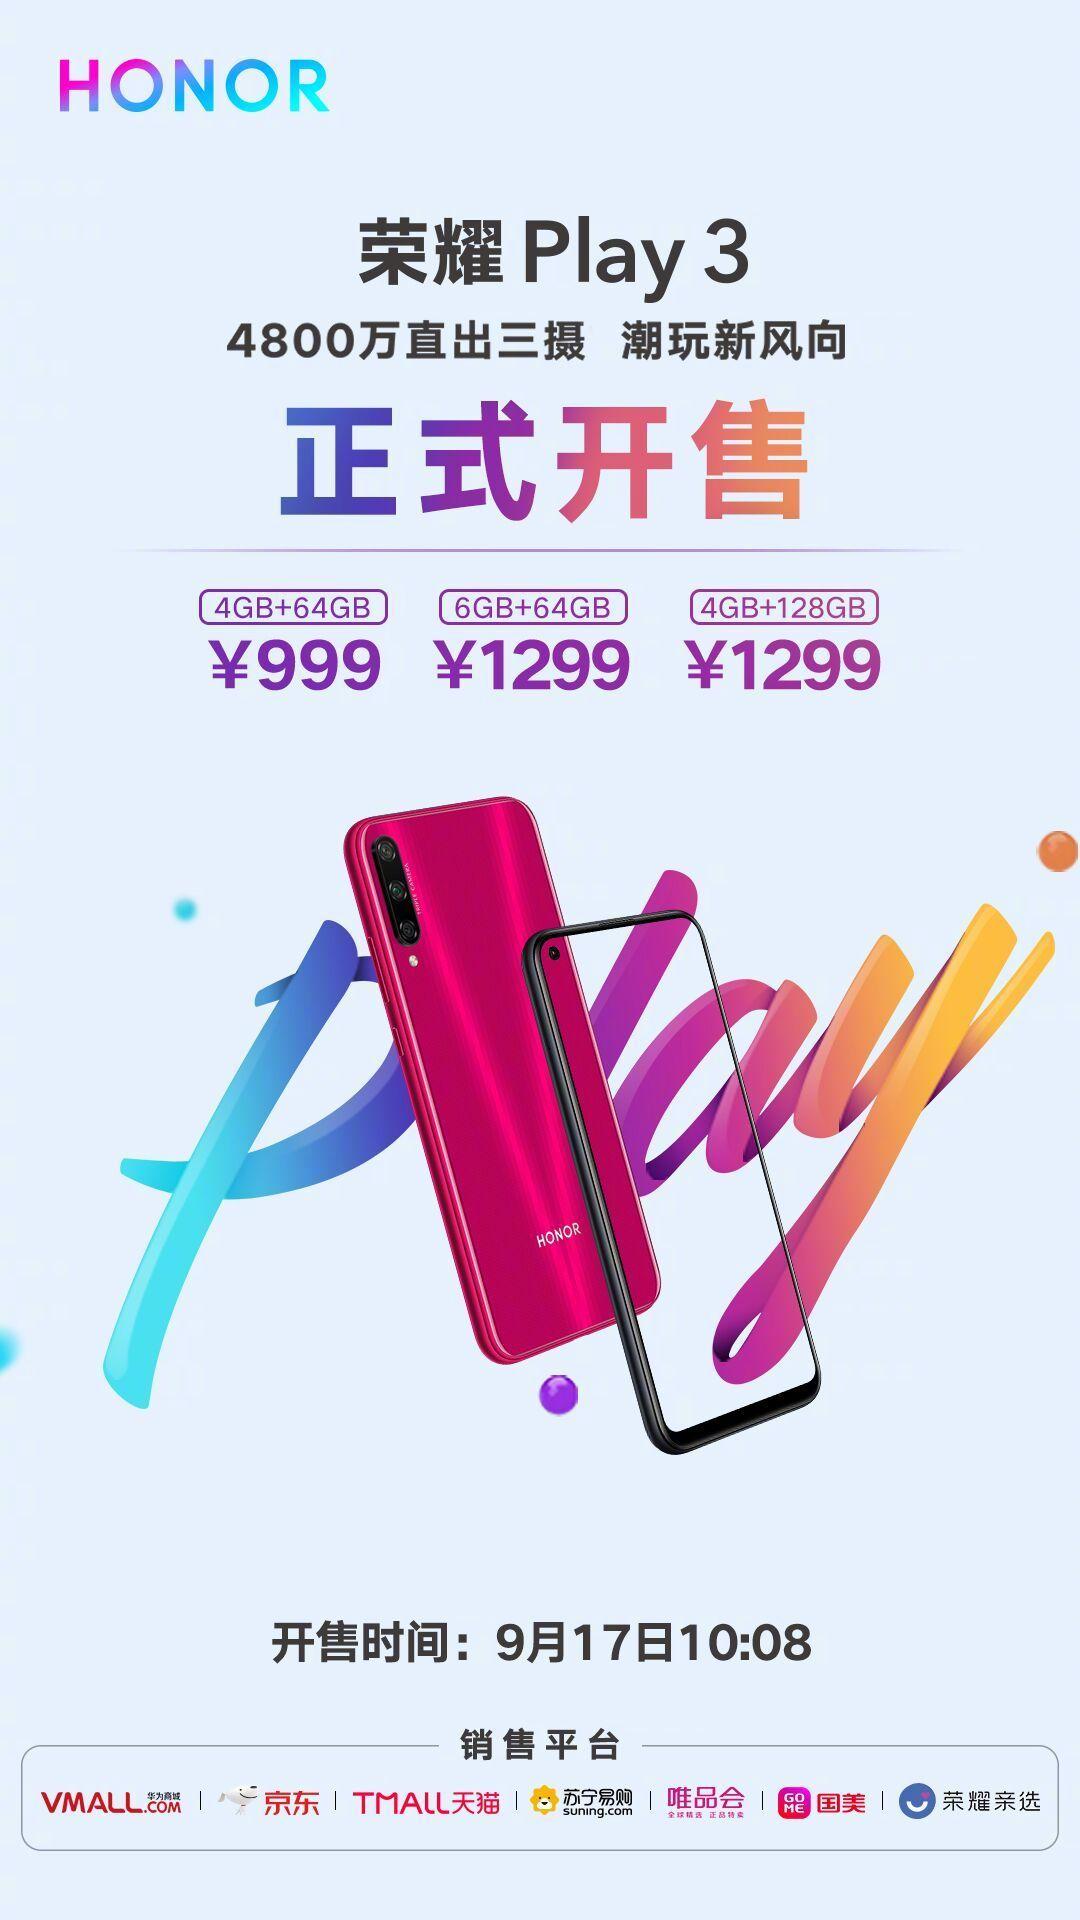 荣耀Play3今日正式开售,还有荣耀Play3e哦!